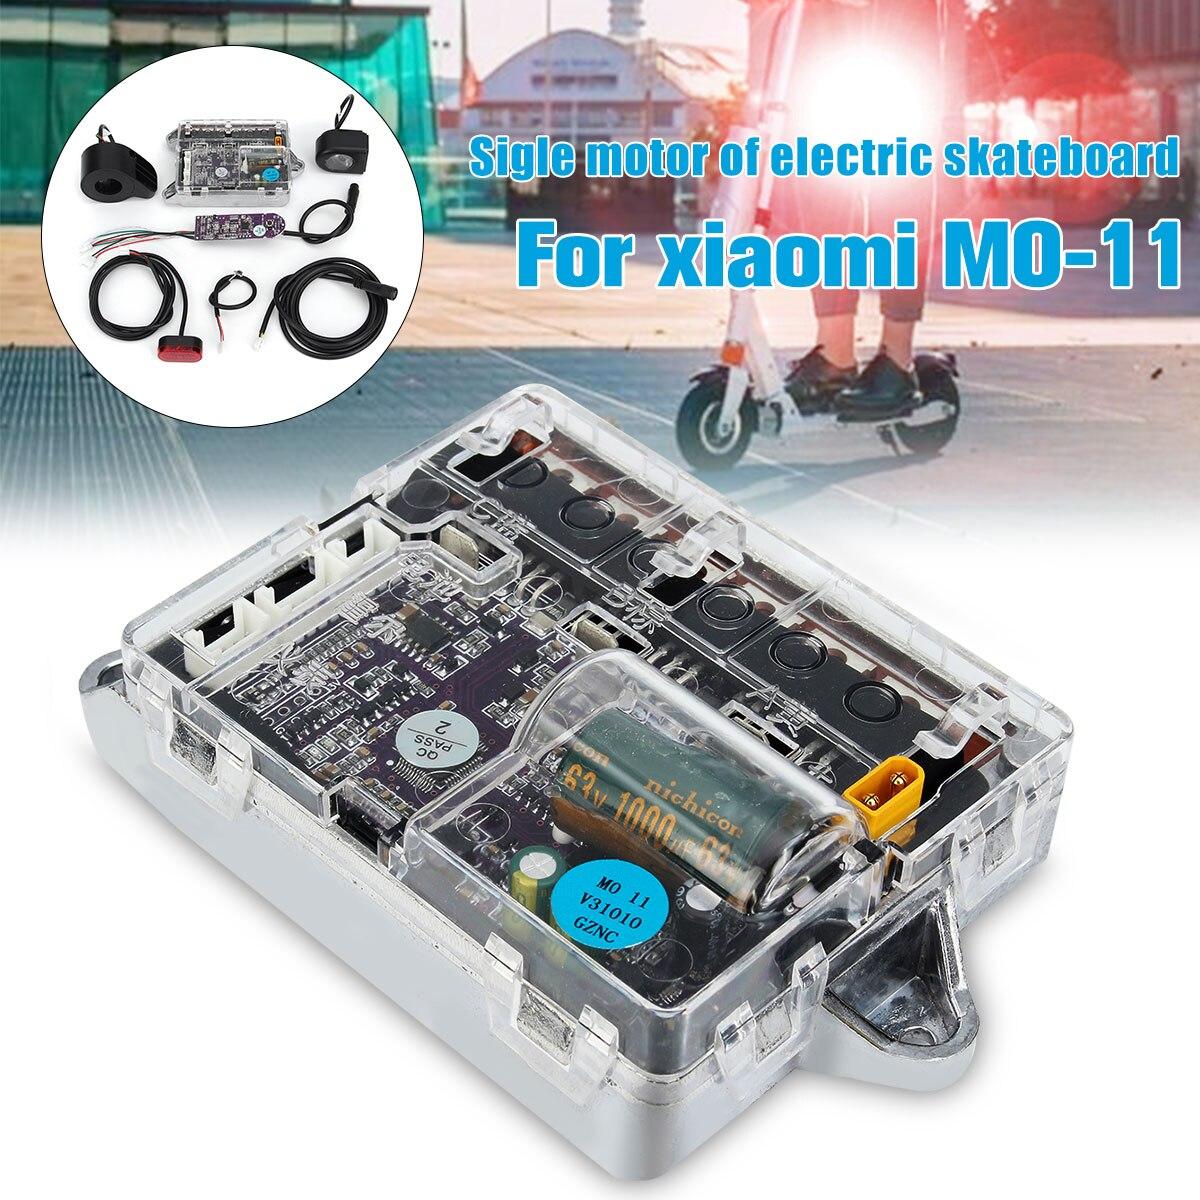 Planche à roulettes Skate Scooter bricolage Sigle électrique planche à roulettes moteur contrôleur carte principale ESC Kit de remplacement pour M0-11 MO-11 36 V